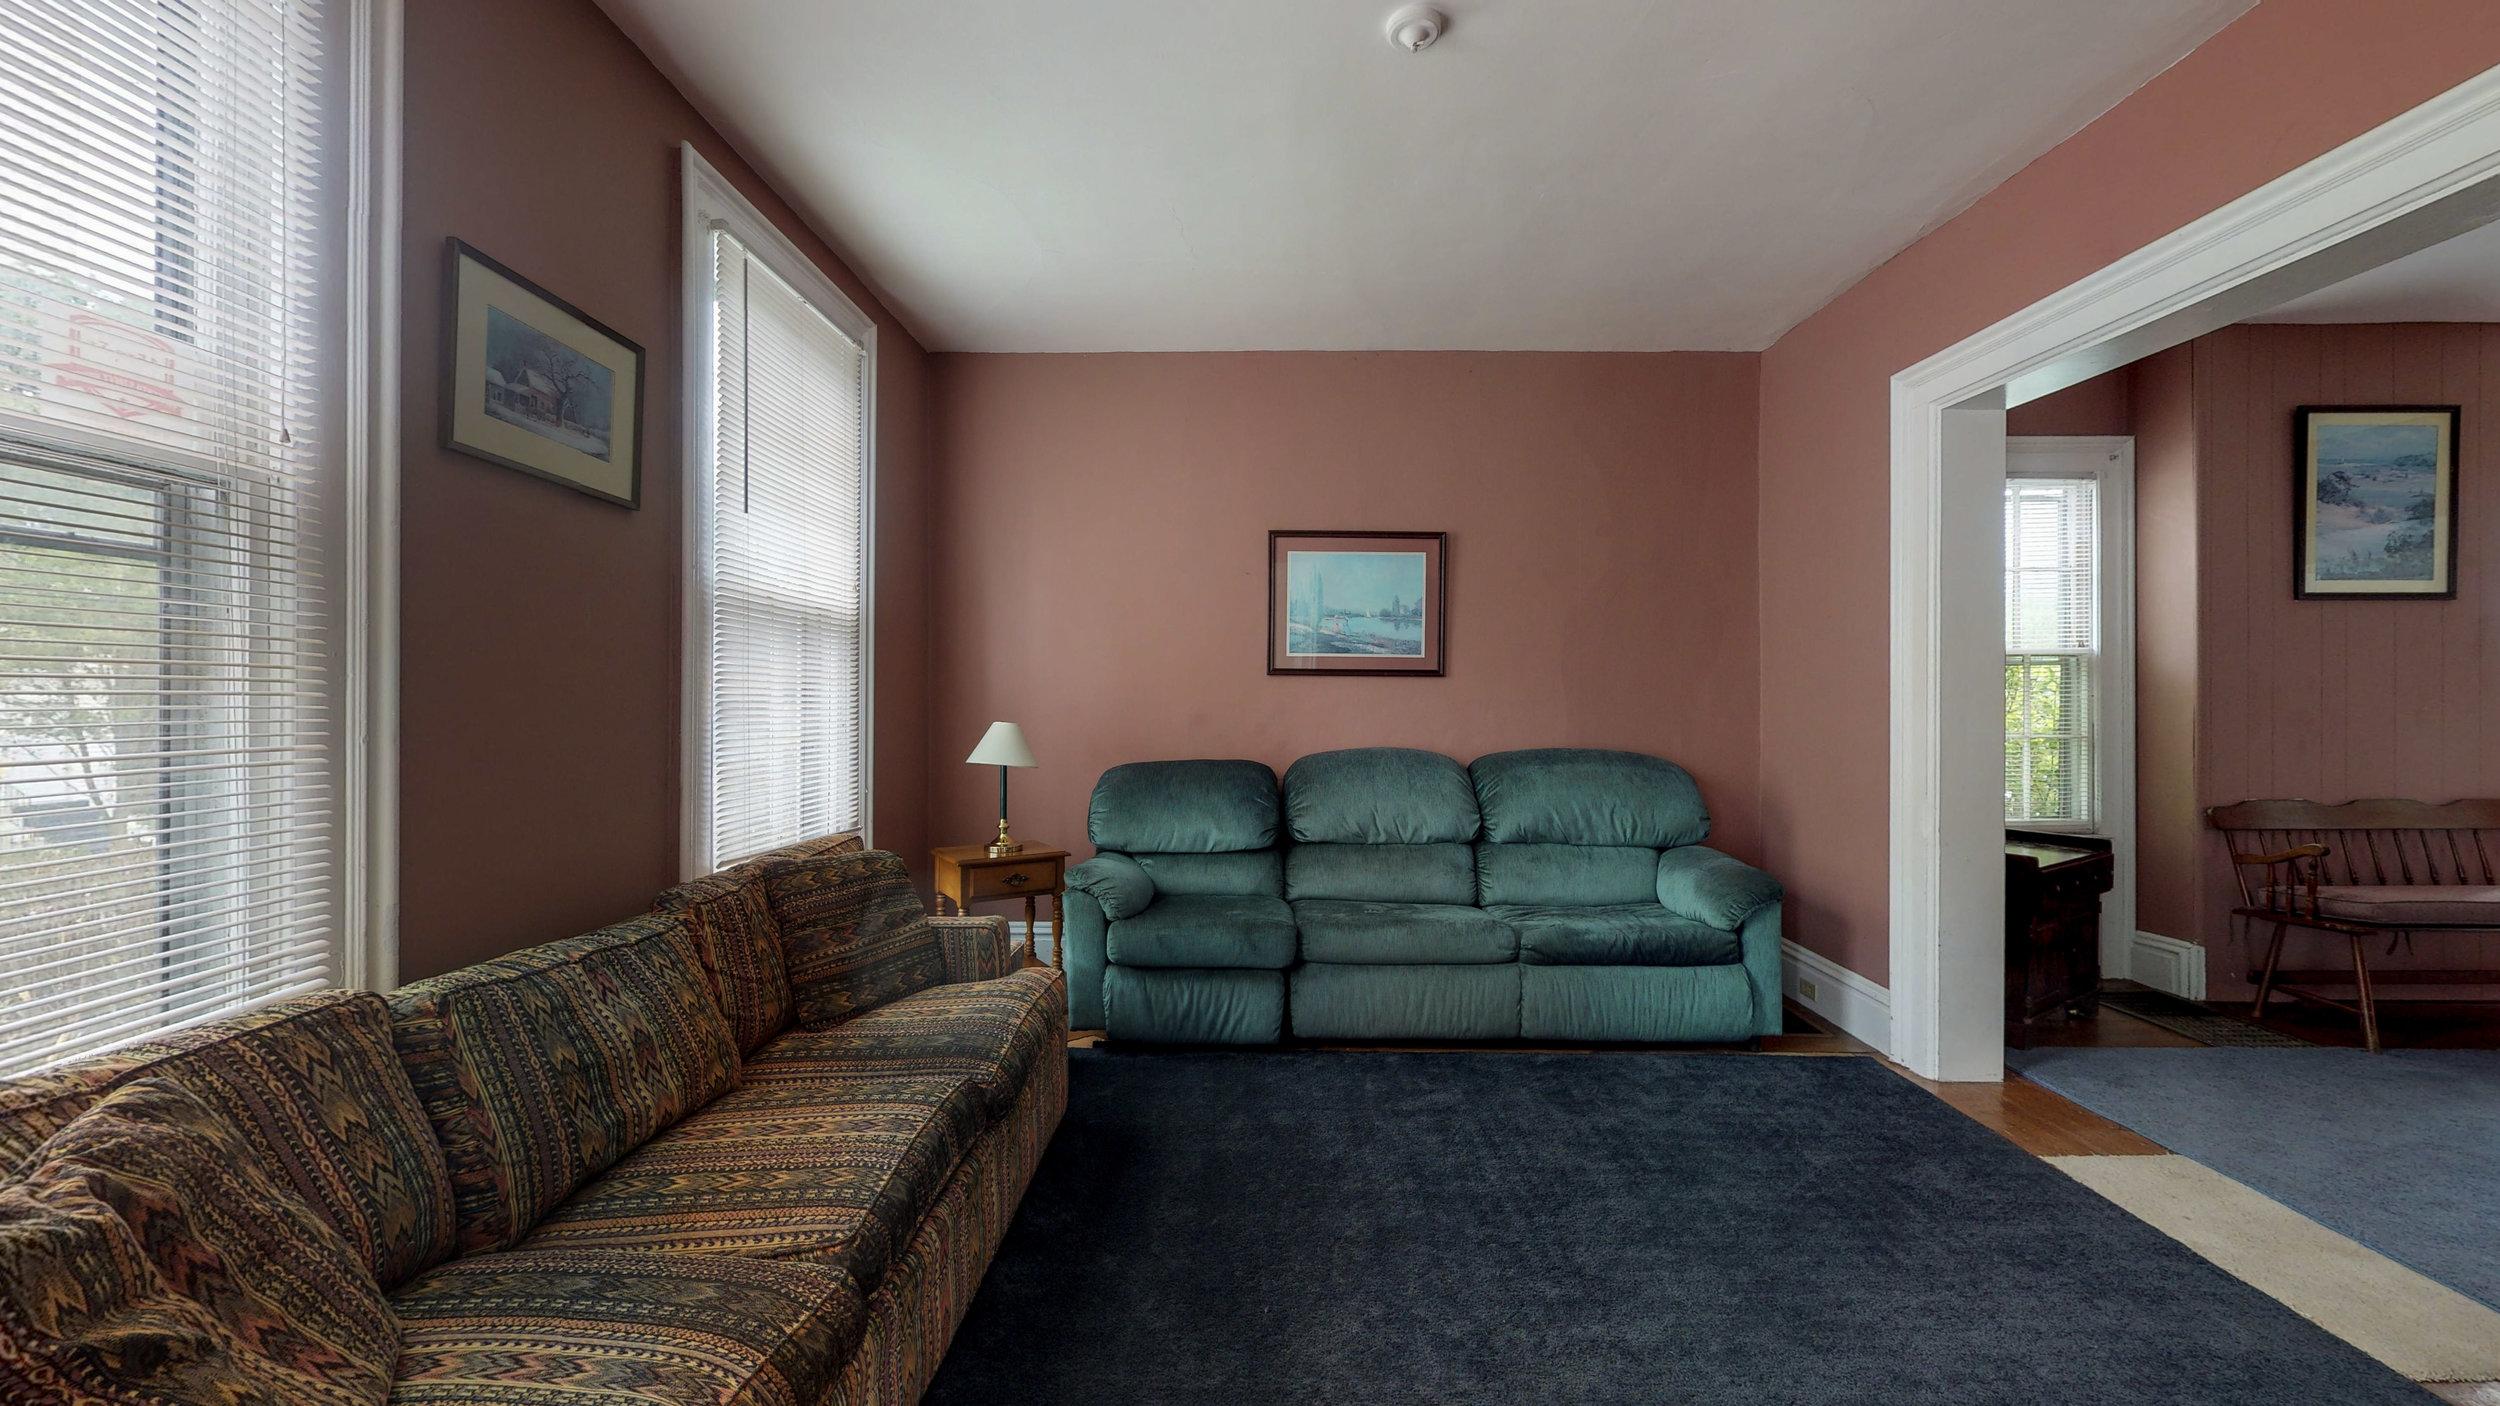 28-17-Bleeker-Ave-06032019_183327.jpg